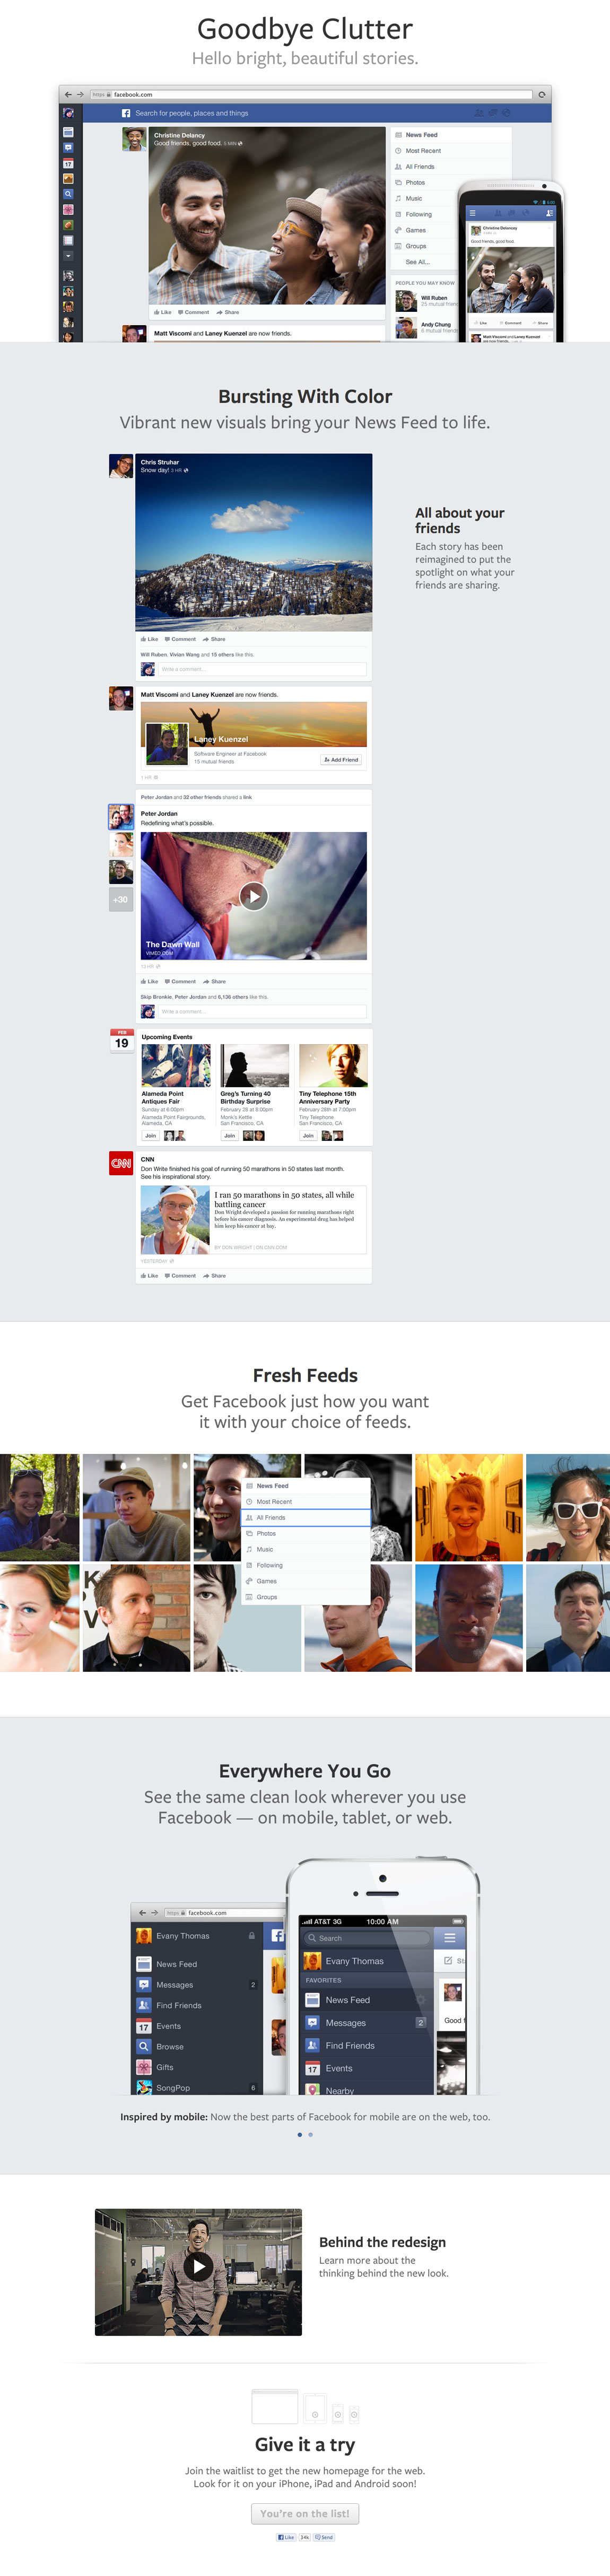 Facebook News Feed Redesign Website Screenshot